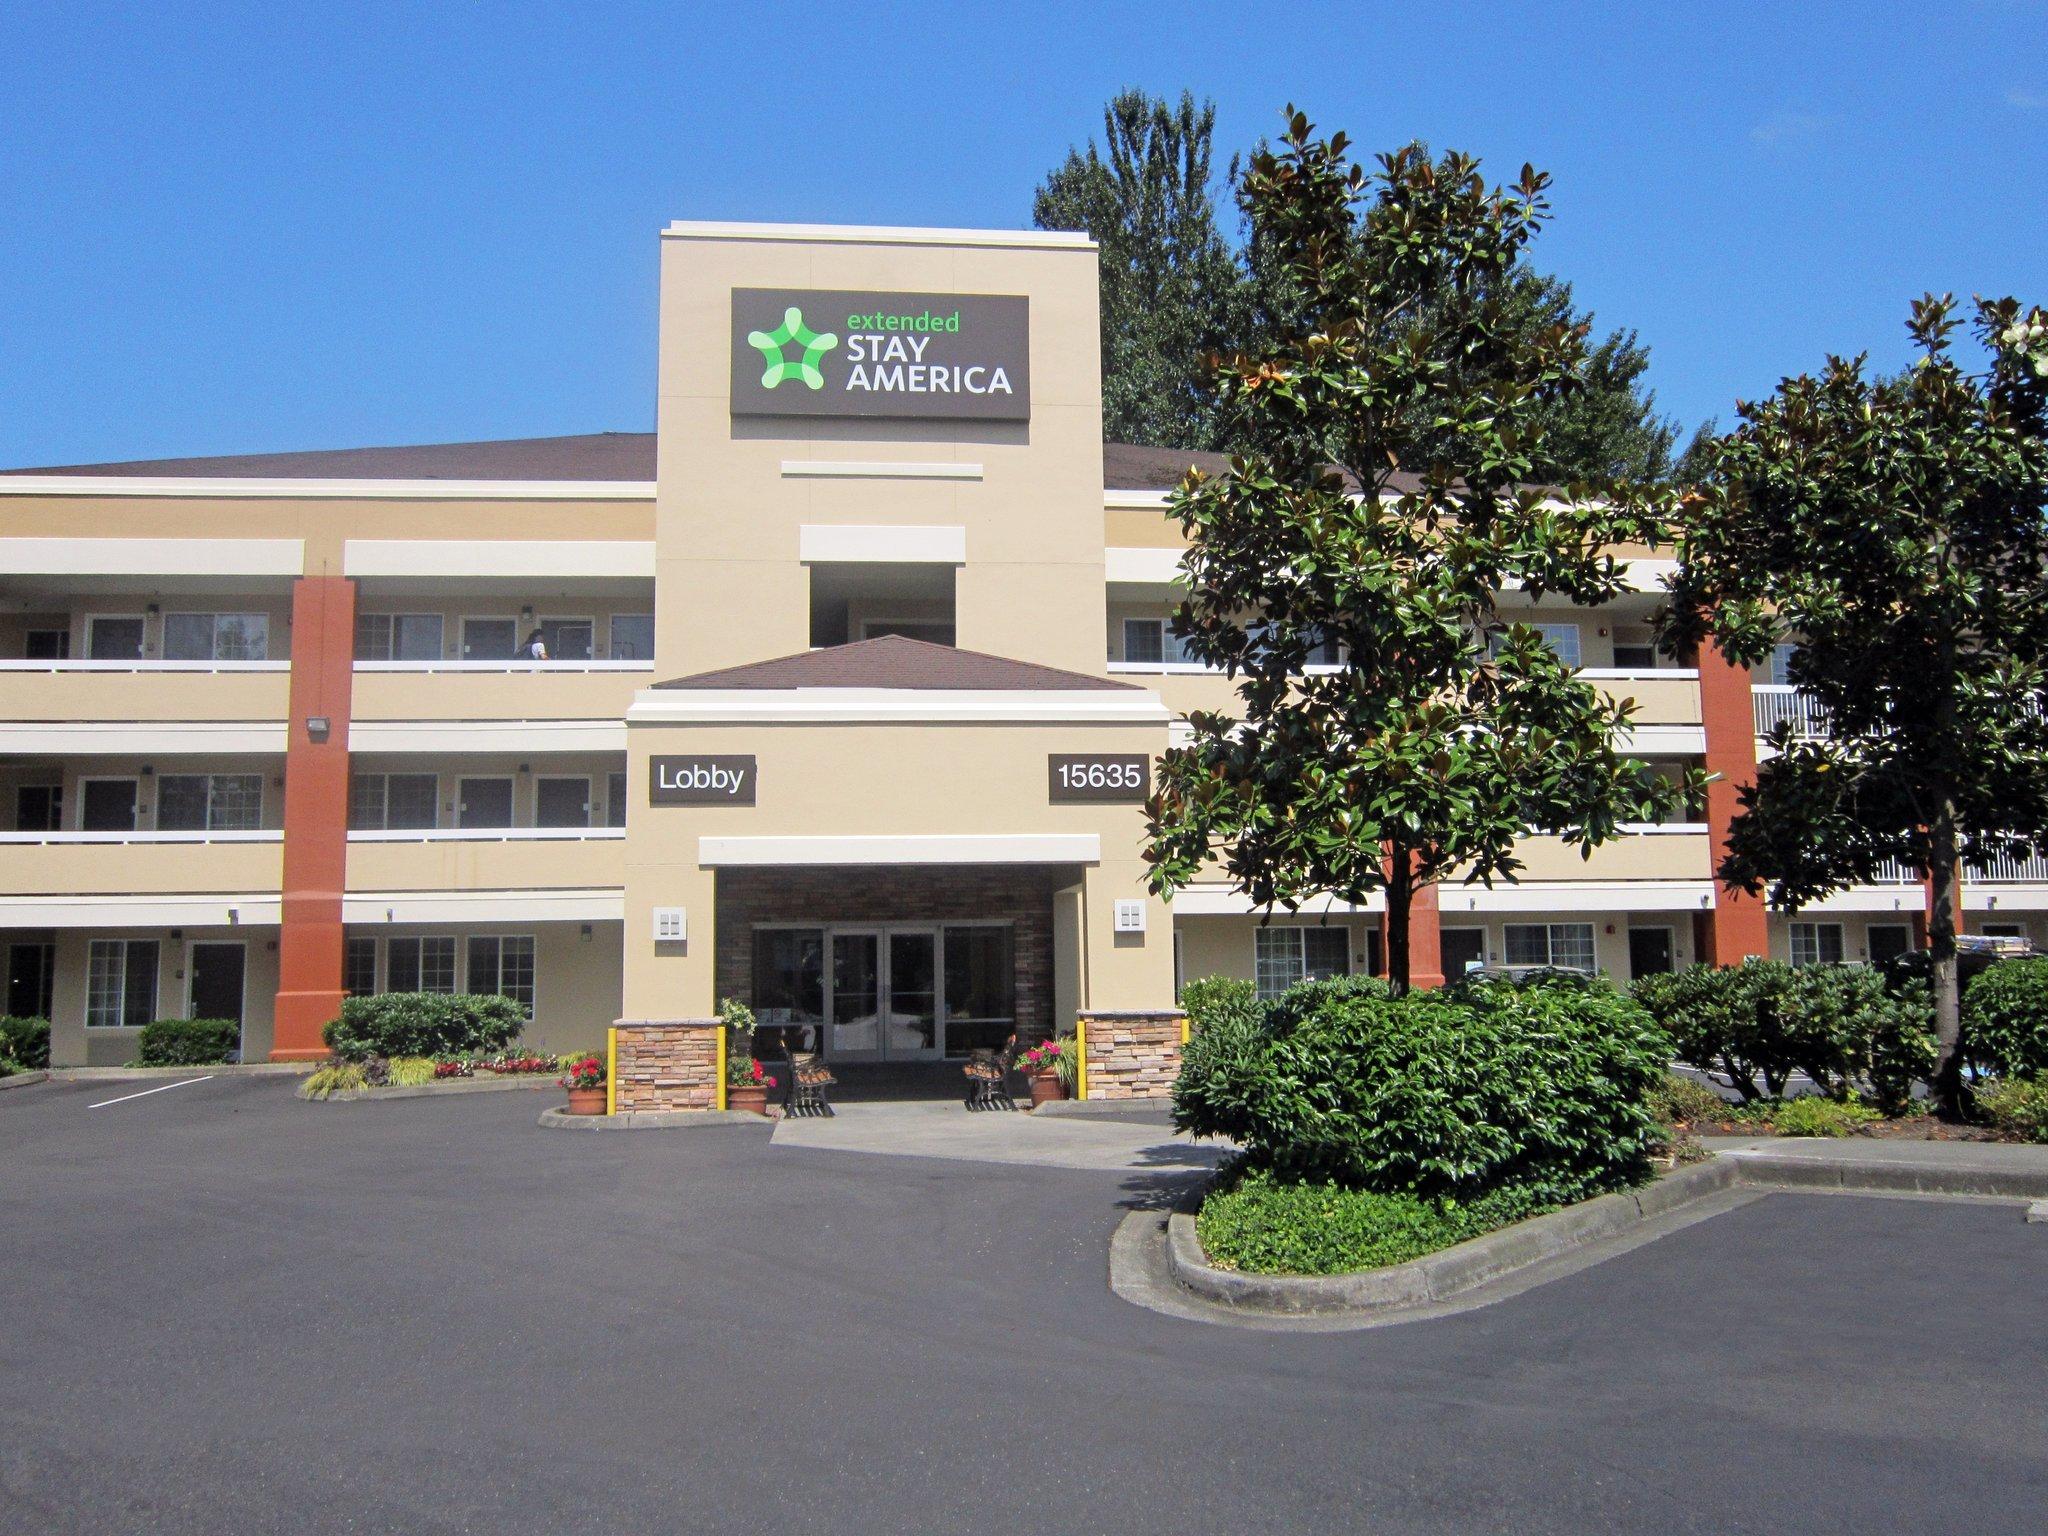 西雅圖南中心美國長住飯店